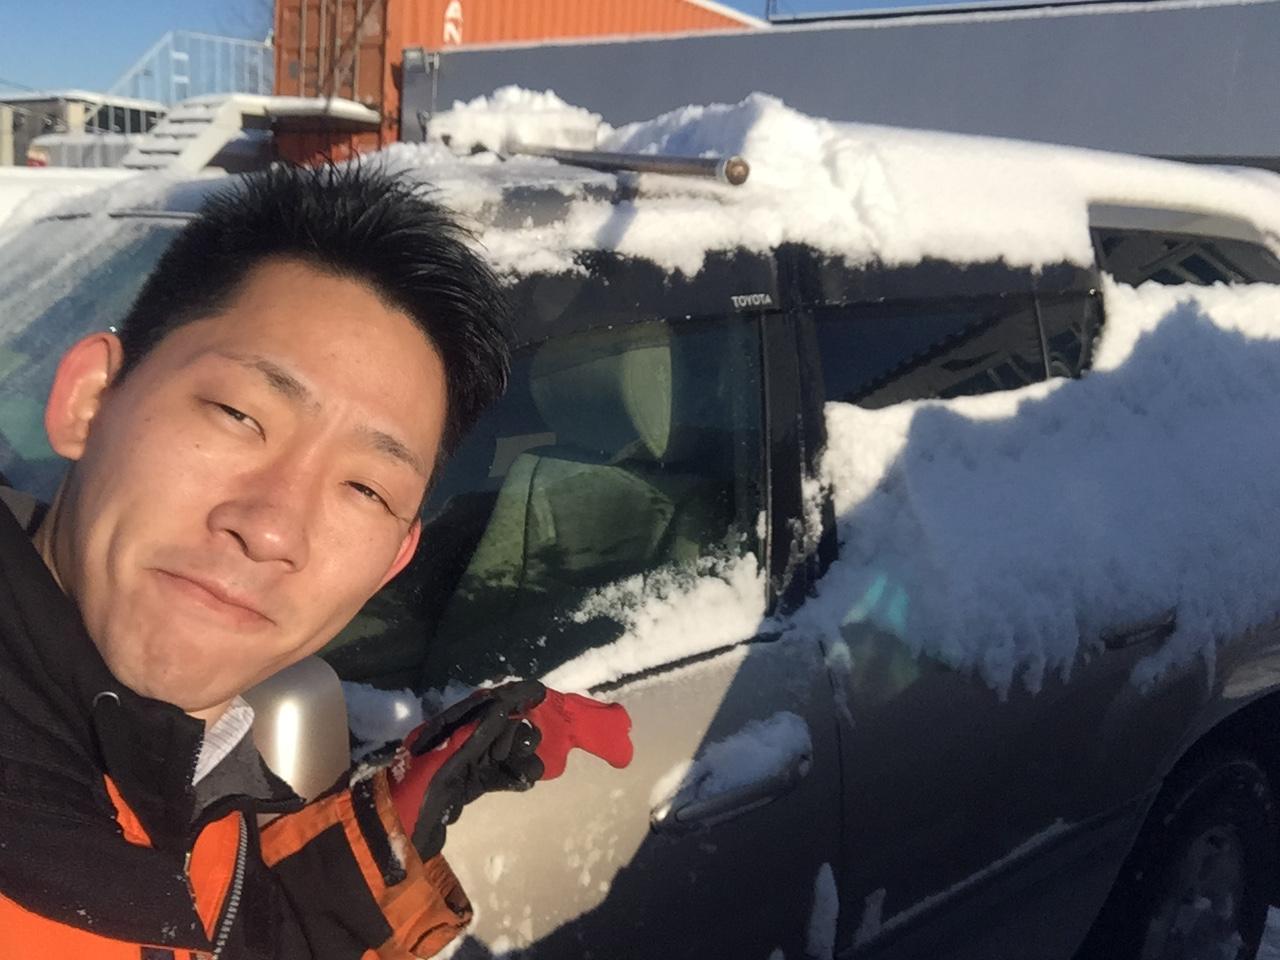 12月8日 金曜日のひとログ( 'ω' )ノ 本日大雪★TOMMY除雪機大活躍!!!除雪車リースも承り〼★_b0127002_1721371.jpg